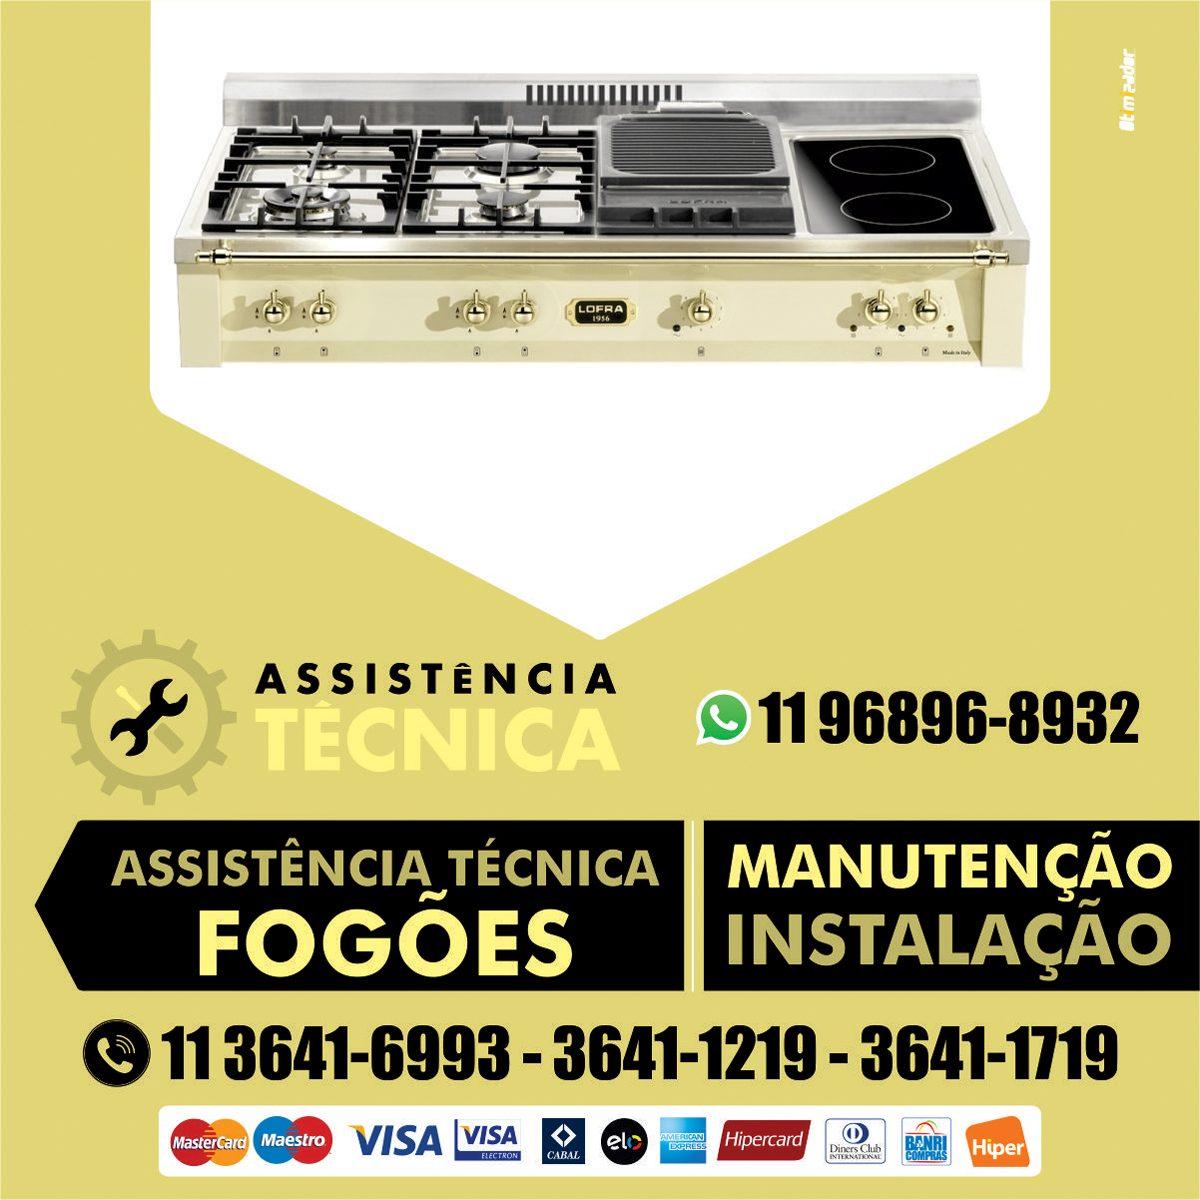 anuncio-credenciada-FOGAO